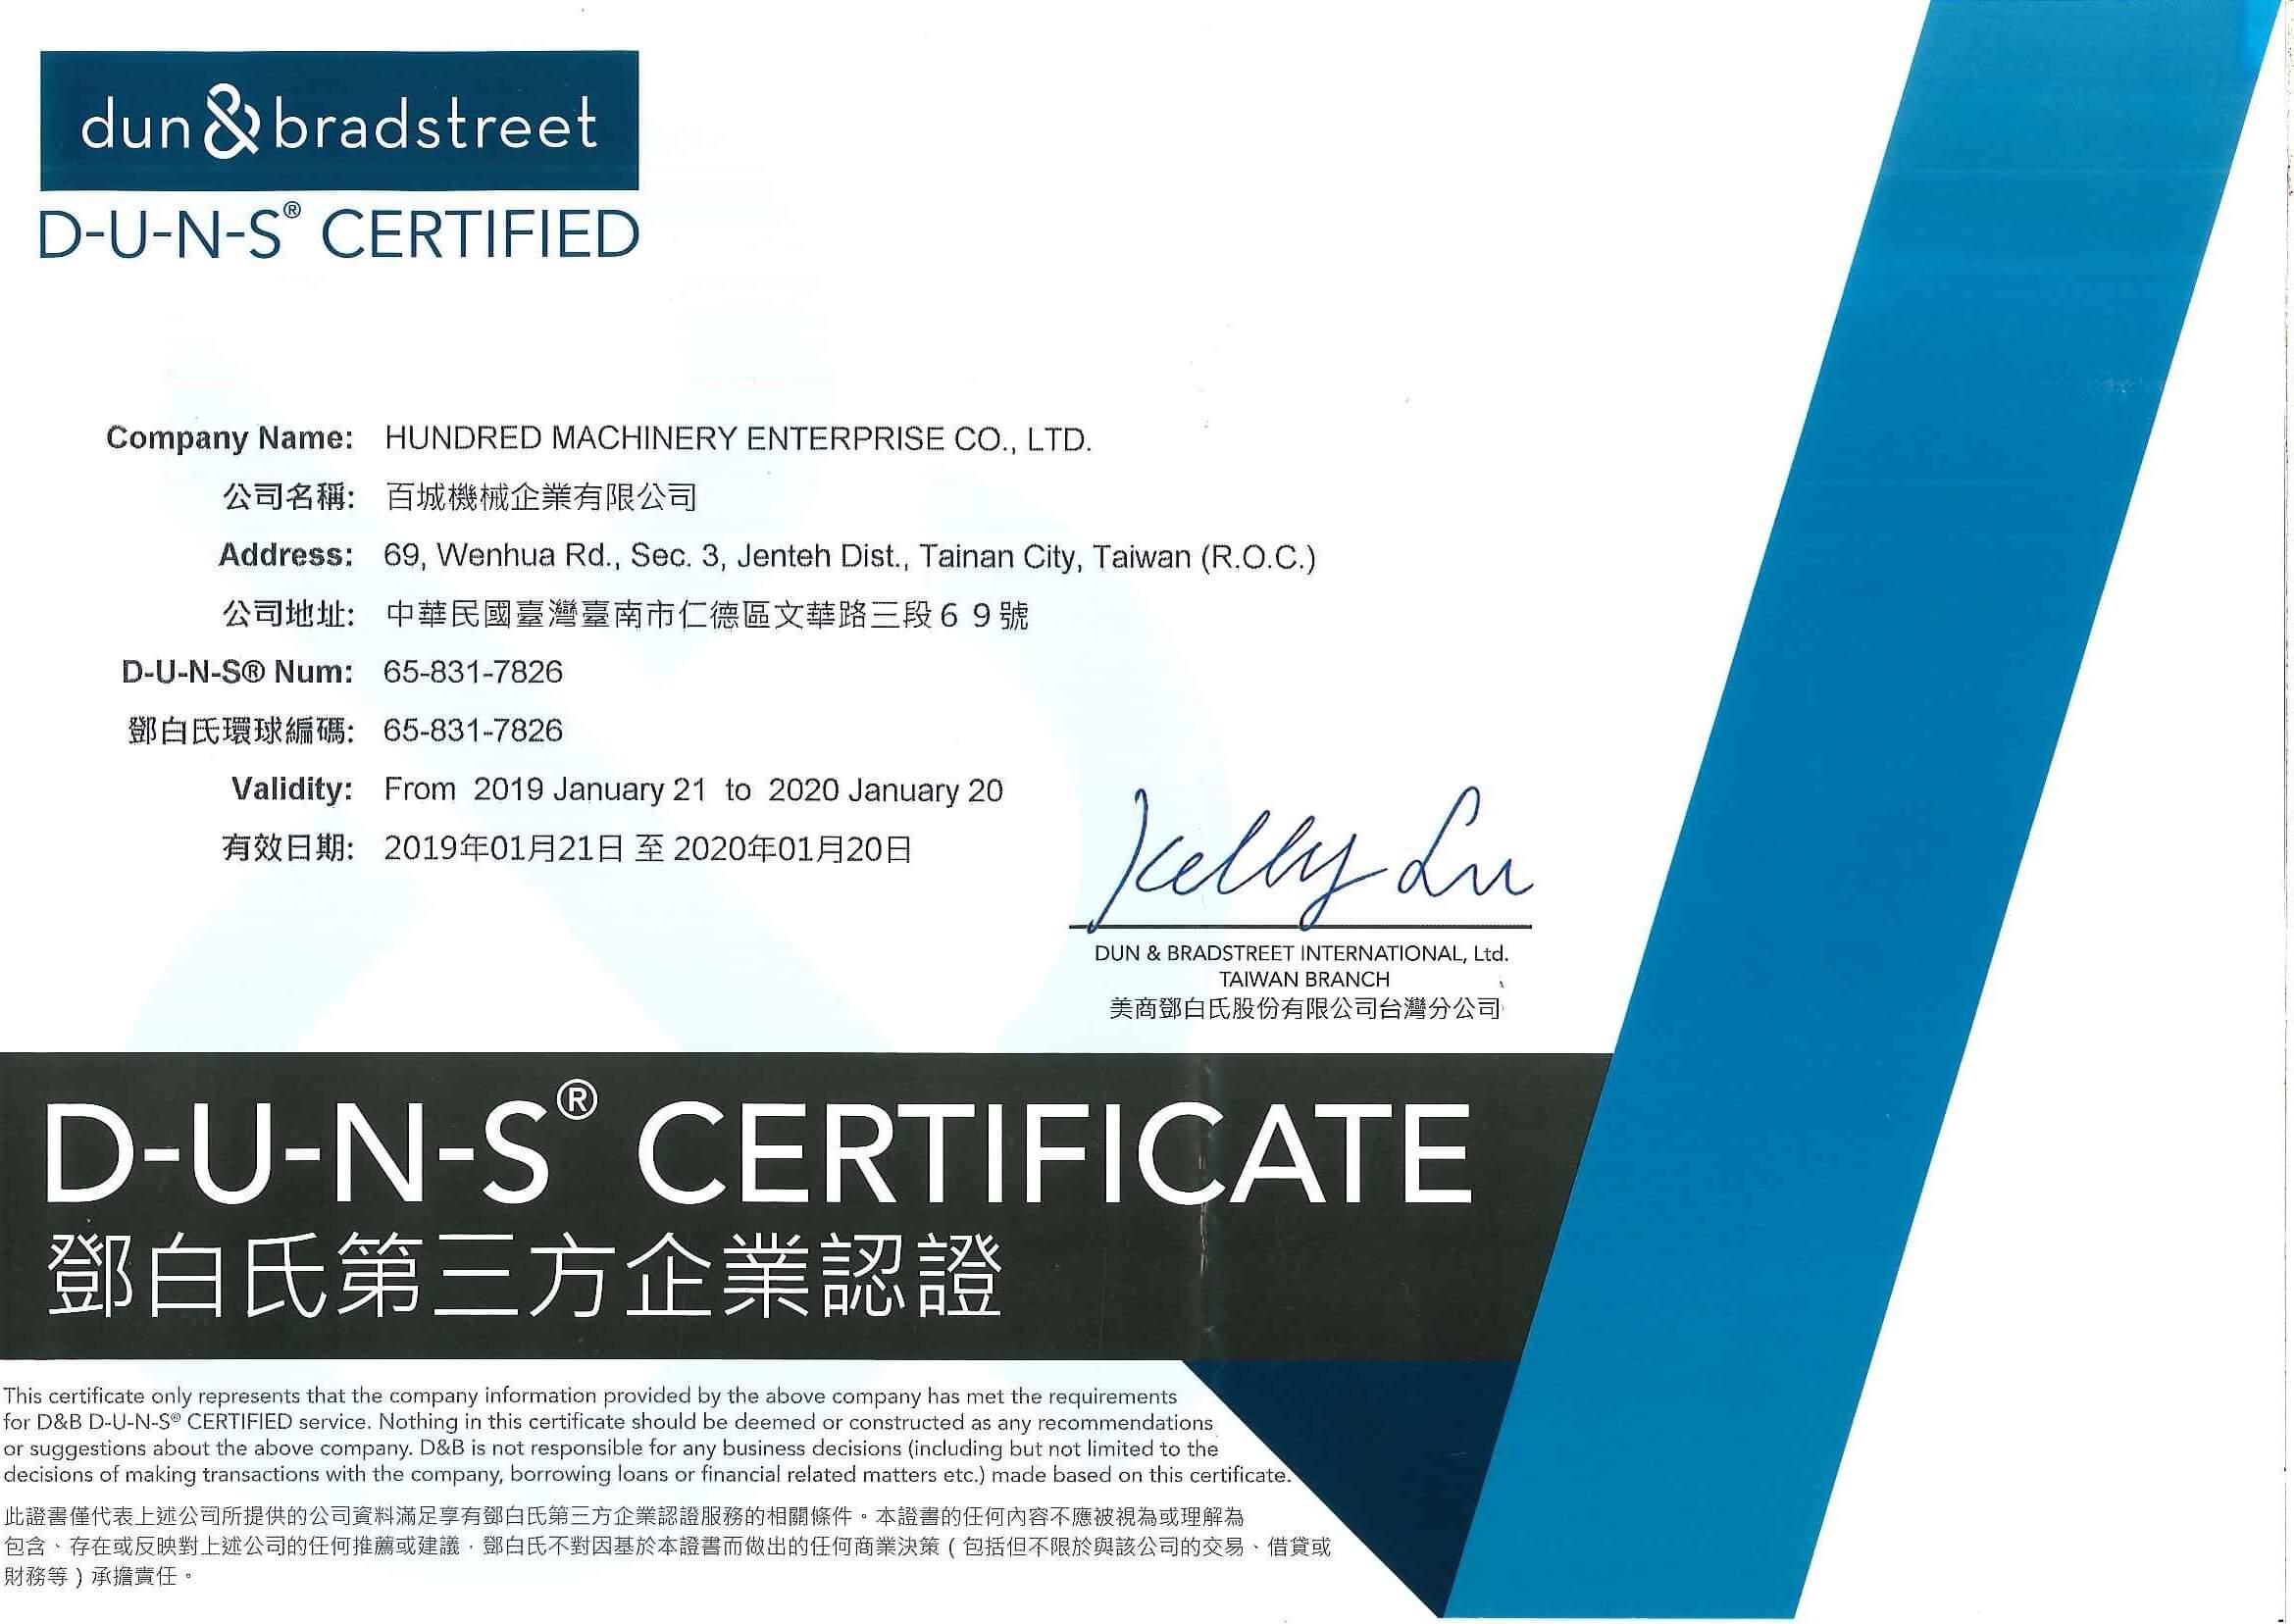 鄧白氏第三方企業認證